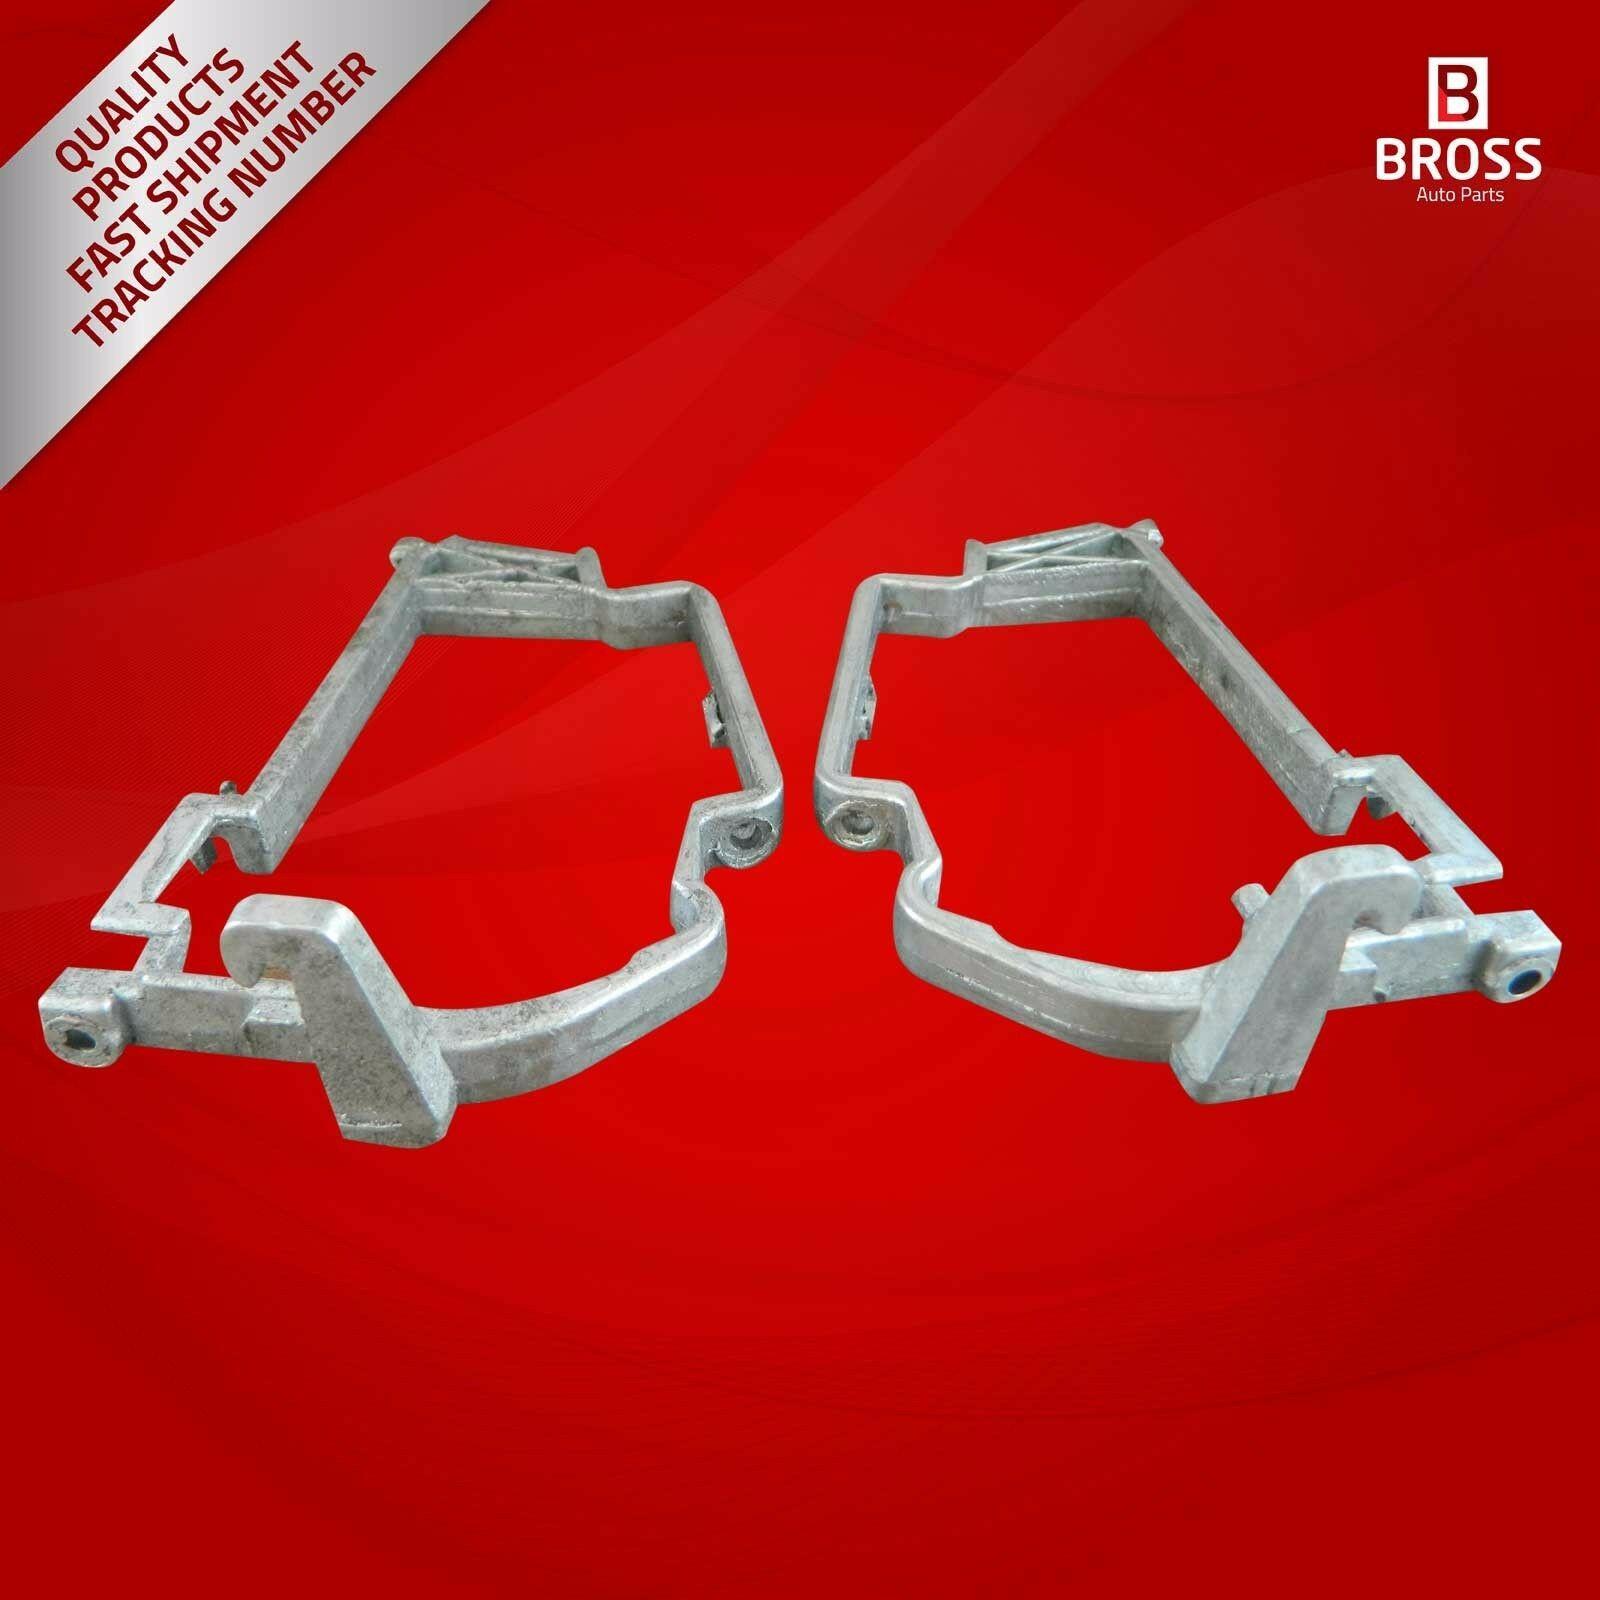 Bross BDP502 боковое зеркало стекло Ремонтный комплект для E-Class W210 левое и правое